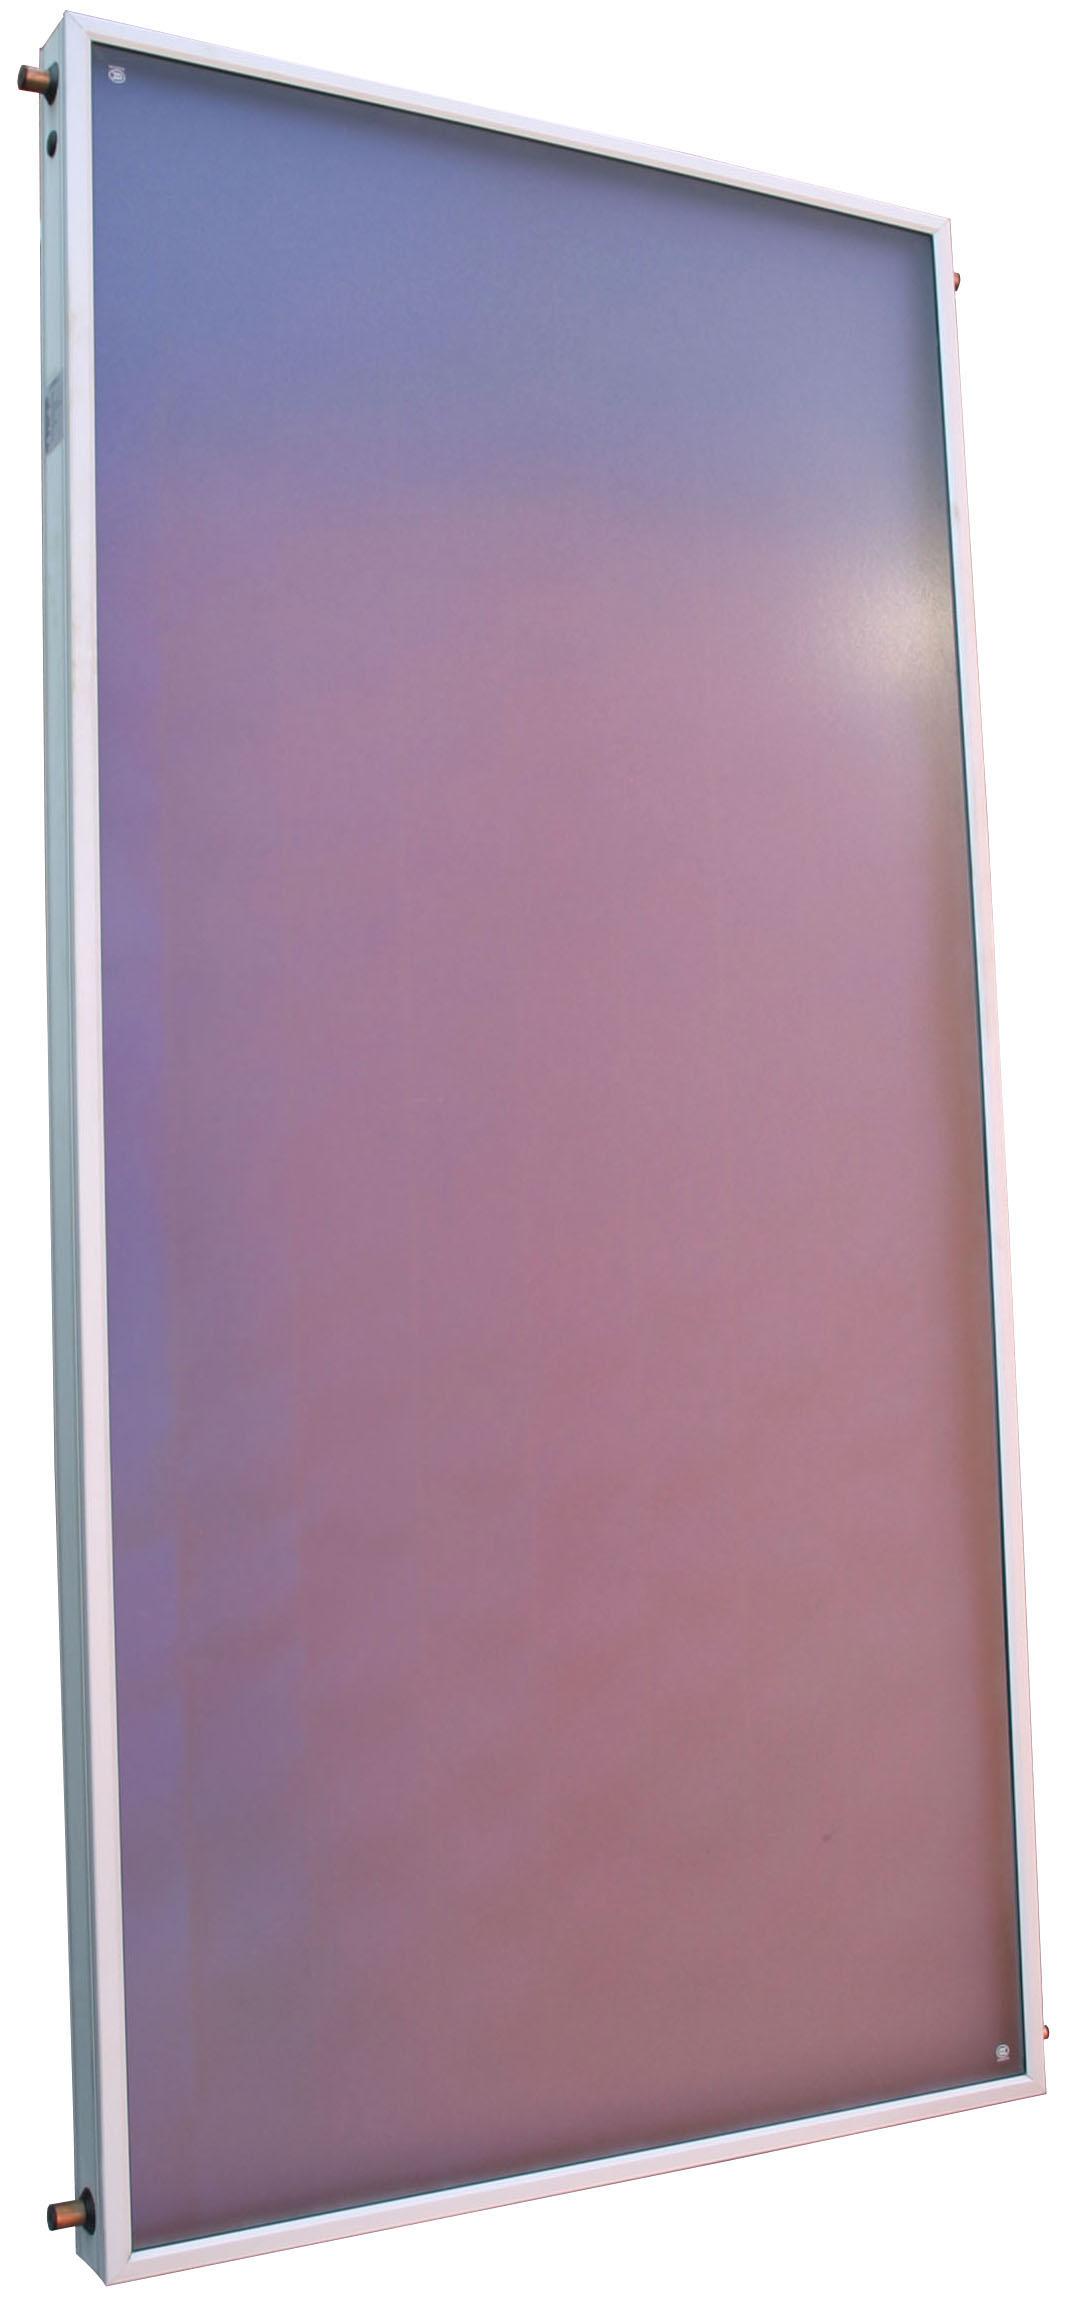 Sluneční kolektor KPA1, prizm.sklo, 100x200x8, přip.4x Cu 22